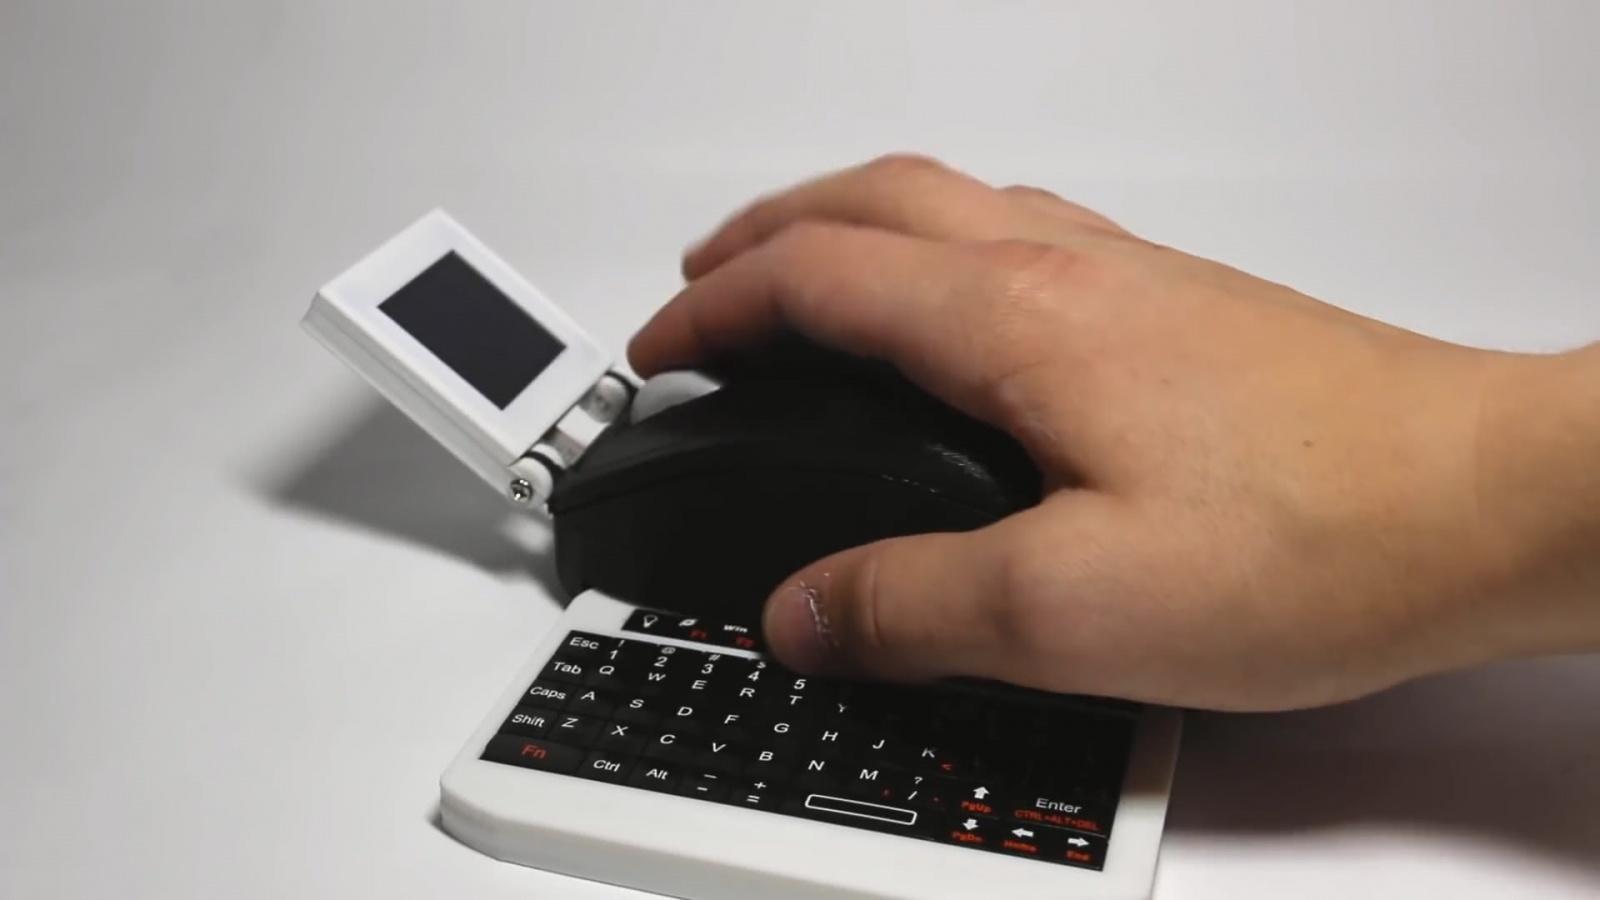 Умелец превратил Raspberry Pi в компьютерную мышь с монитором и клавиатурой - 1